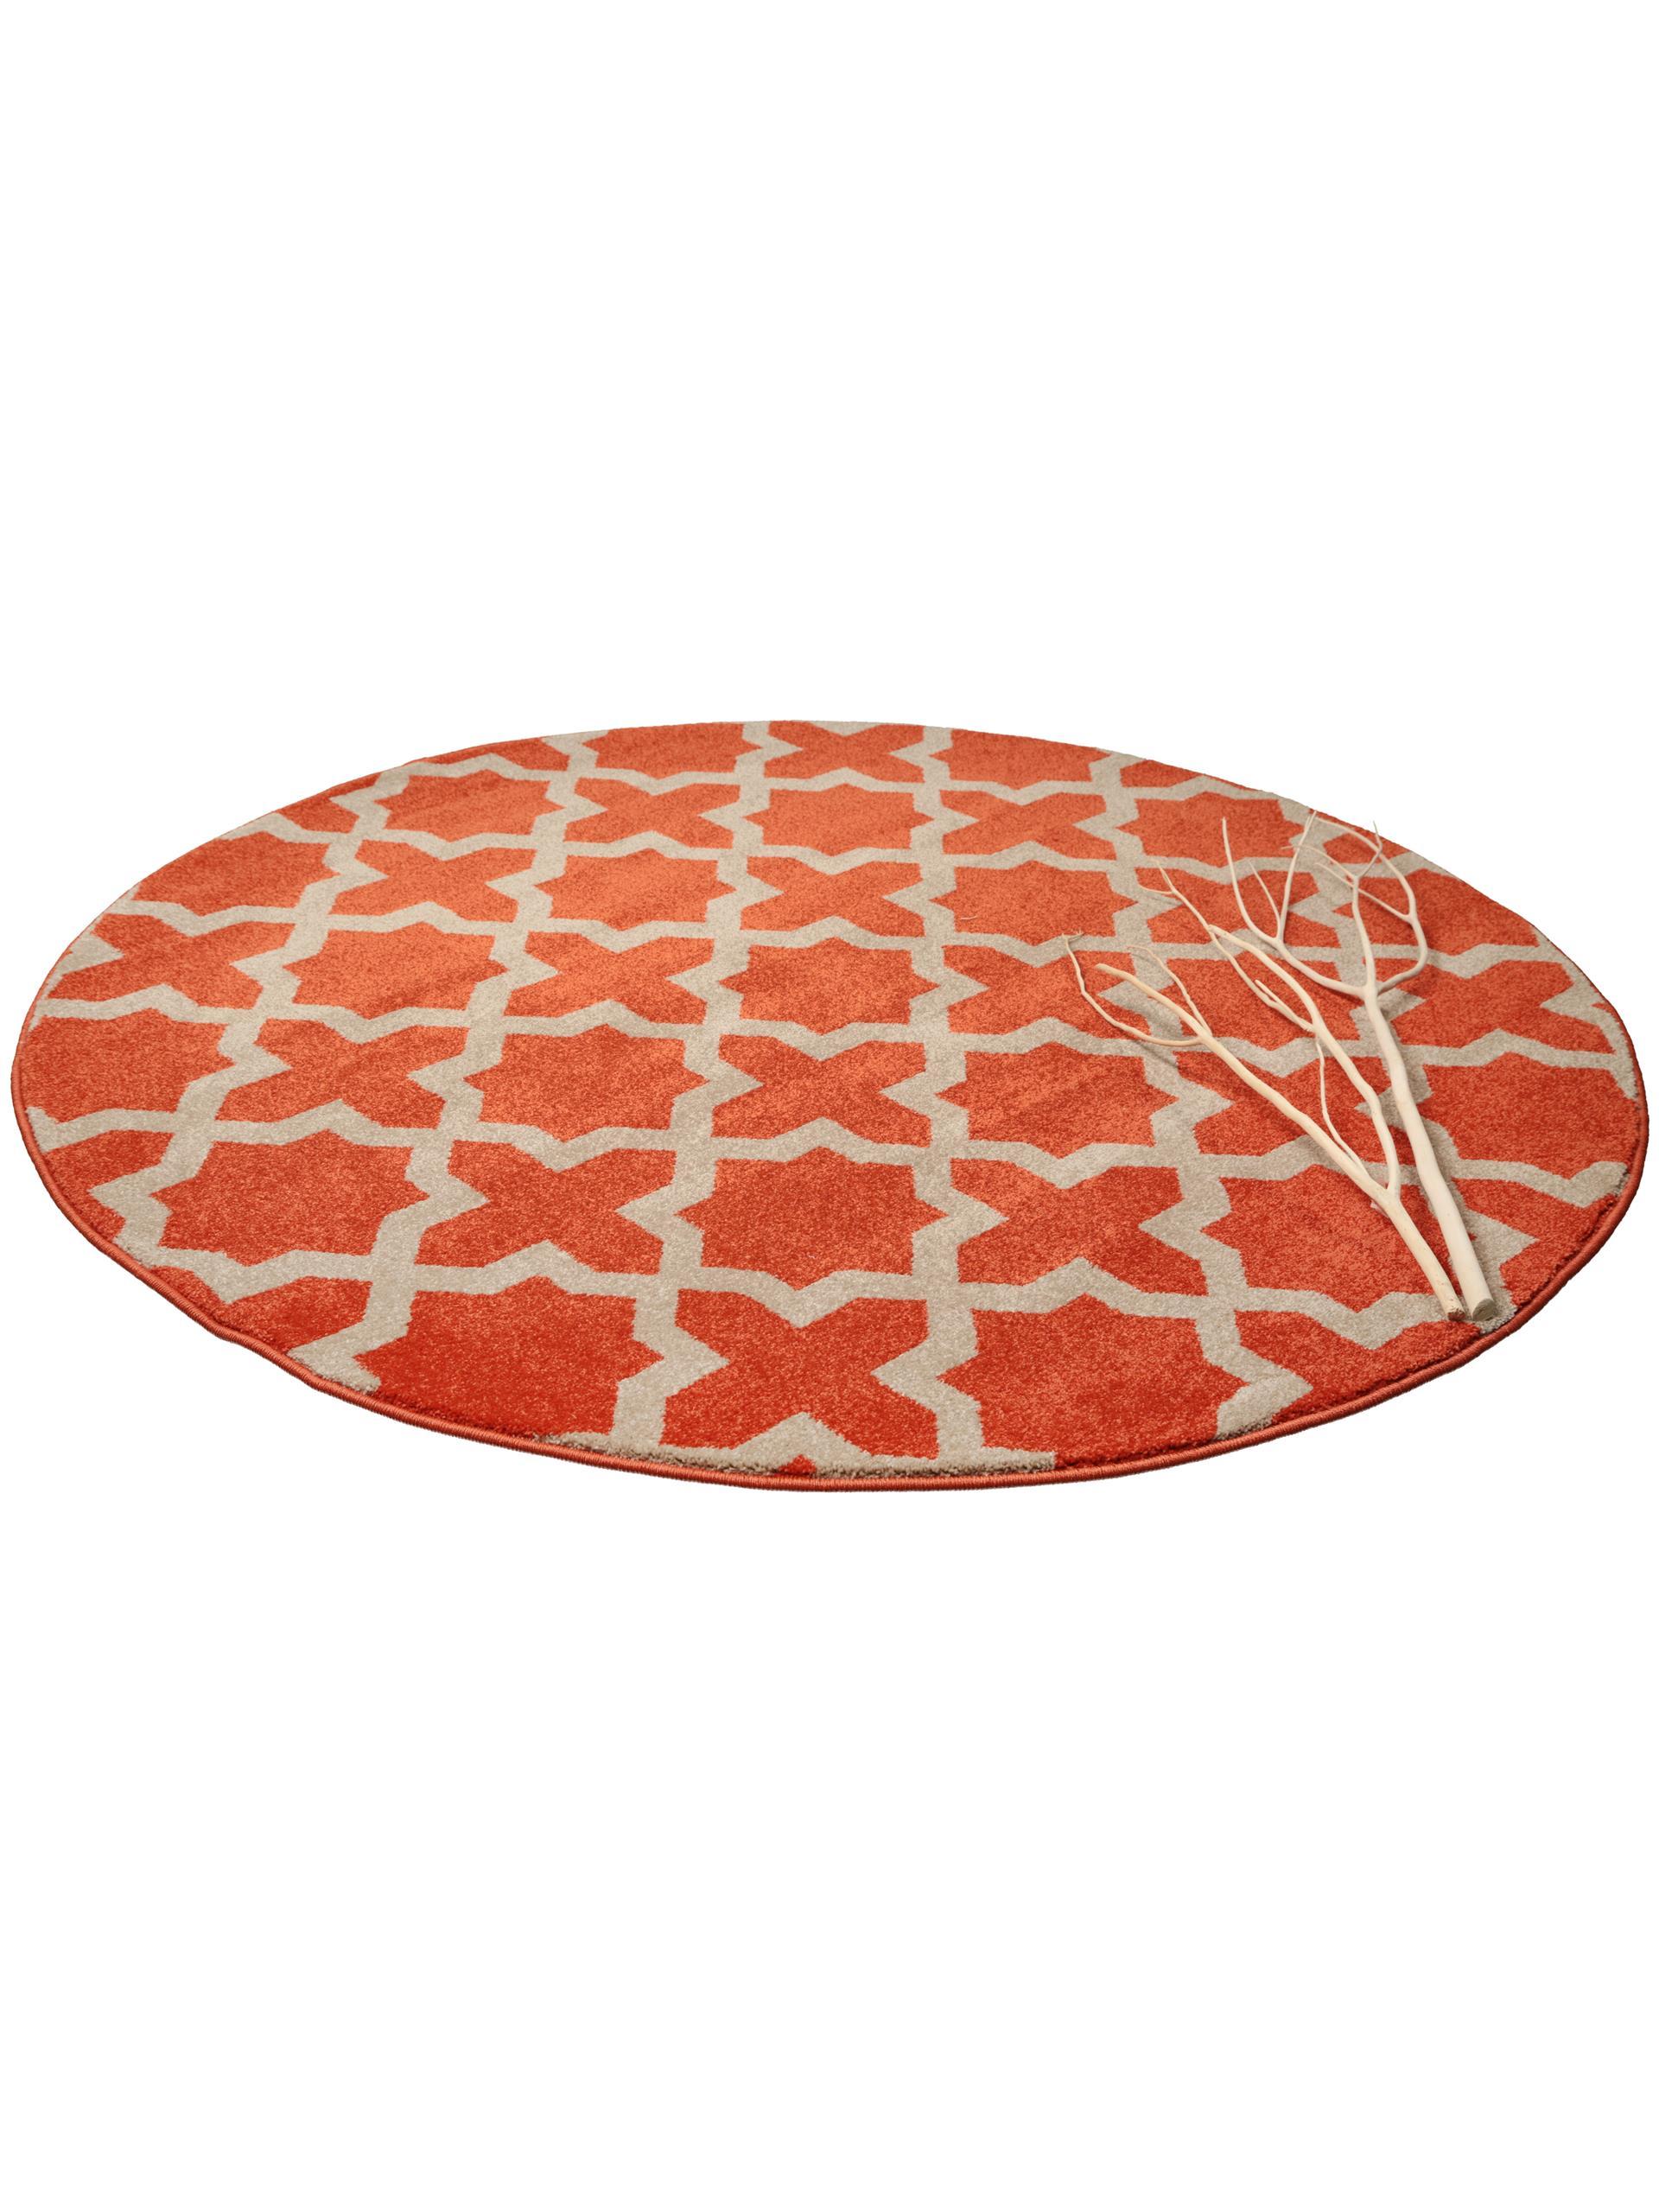 Benuta Teppich Rund : benuta teppich rund arabesque orange 60002845 geometrisch ornament rund esszimme ebay ~ Indierocktalk.com Haus und Dekorationen